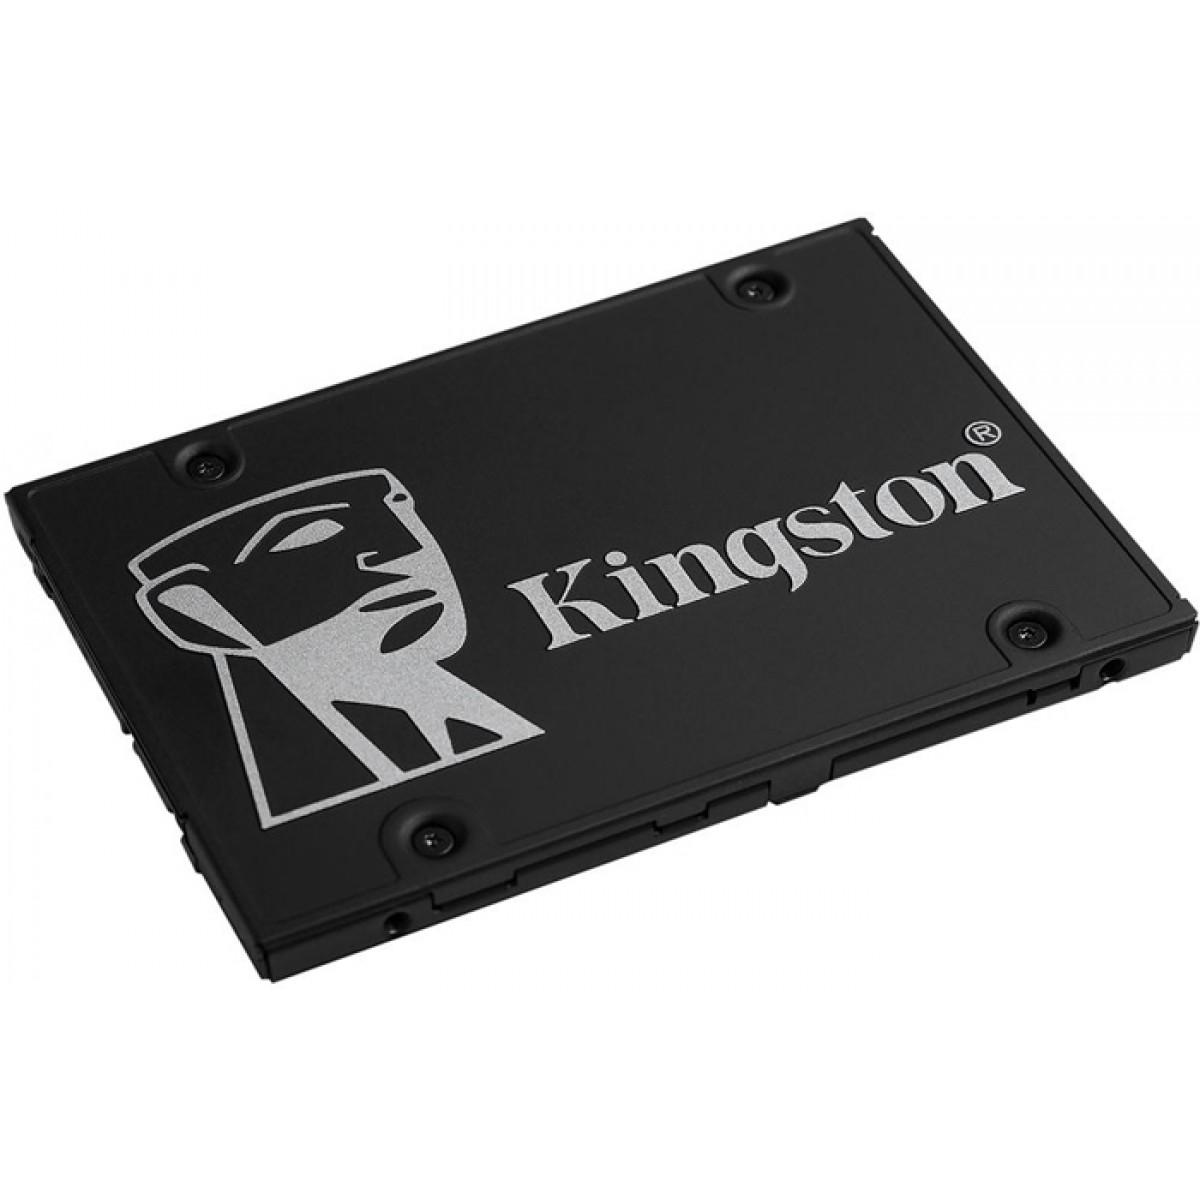 SSD Kingston KC600, 1TB, Sata, Leitura 550MB/s e Gravação 520MB/s, SKC600/1024G